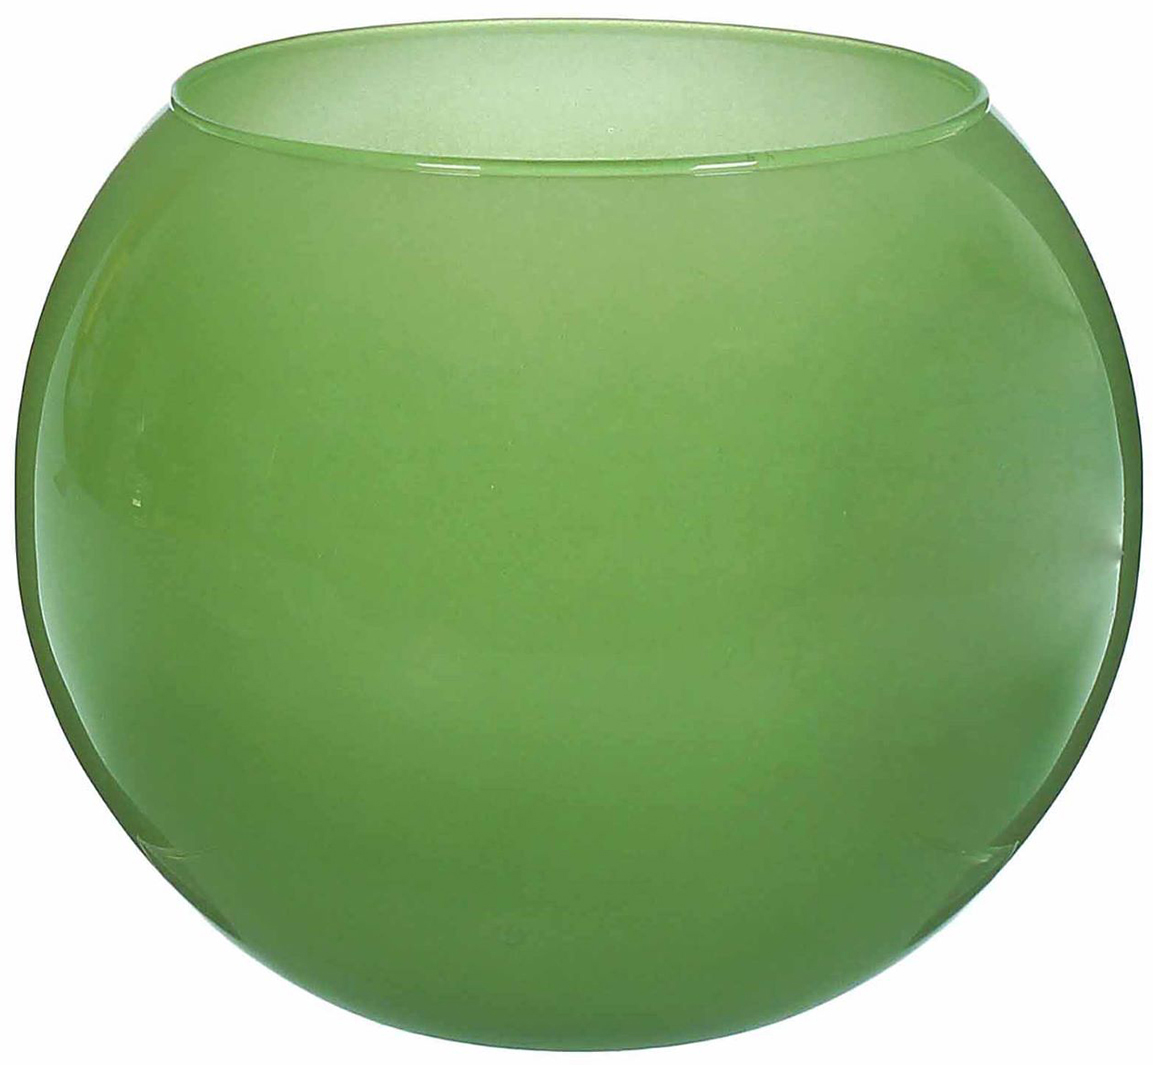 Ваза-шар Evis Дильбар, цвет: зеленый, 3 л1993259Ваза - сувенир в полном смысле этого слова. И главная его задача - хранить воспоминание о месте, где вы побывали, или о том человеке, который подарил данный предмет. Преподнесите эту вещь своему другу, и она станет достойным украшением его дома. Каждому хозяину периодически приходит мысль обновить свою квартиру, сделать ремонт, перестановку или кардинально поменять внешний вид каждой комнаты. Ваза - привлекательная деталь, которая поможет воплотить вашу интерьерную идею, создать неповторимую атмосферу в вашем доме.